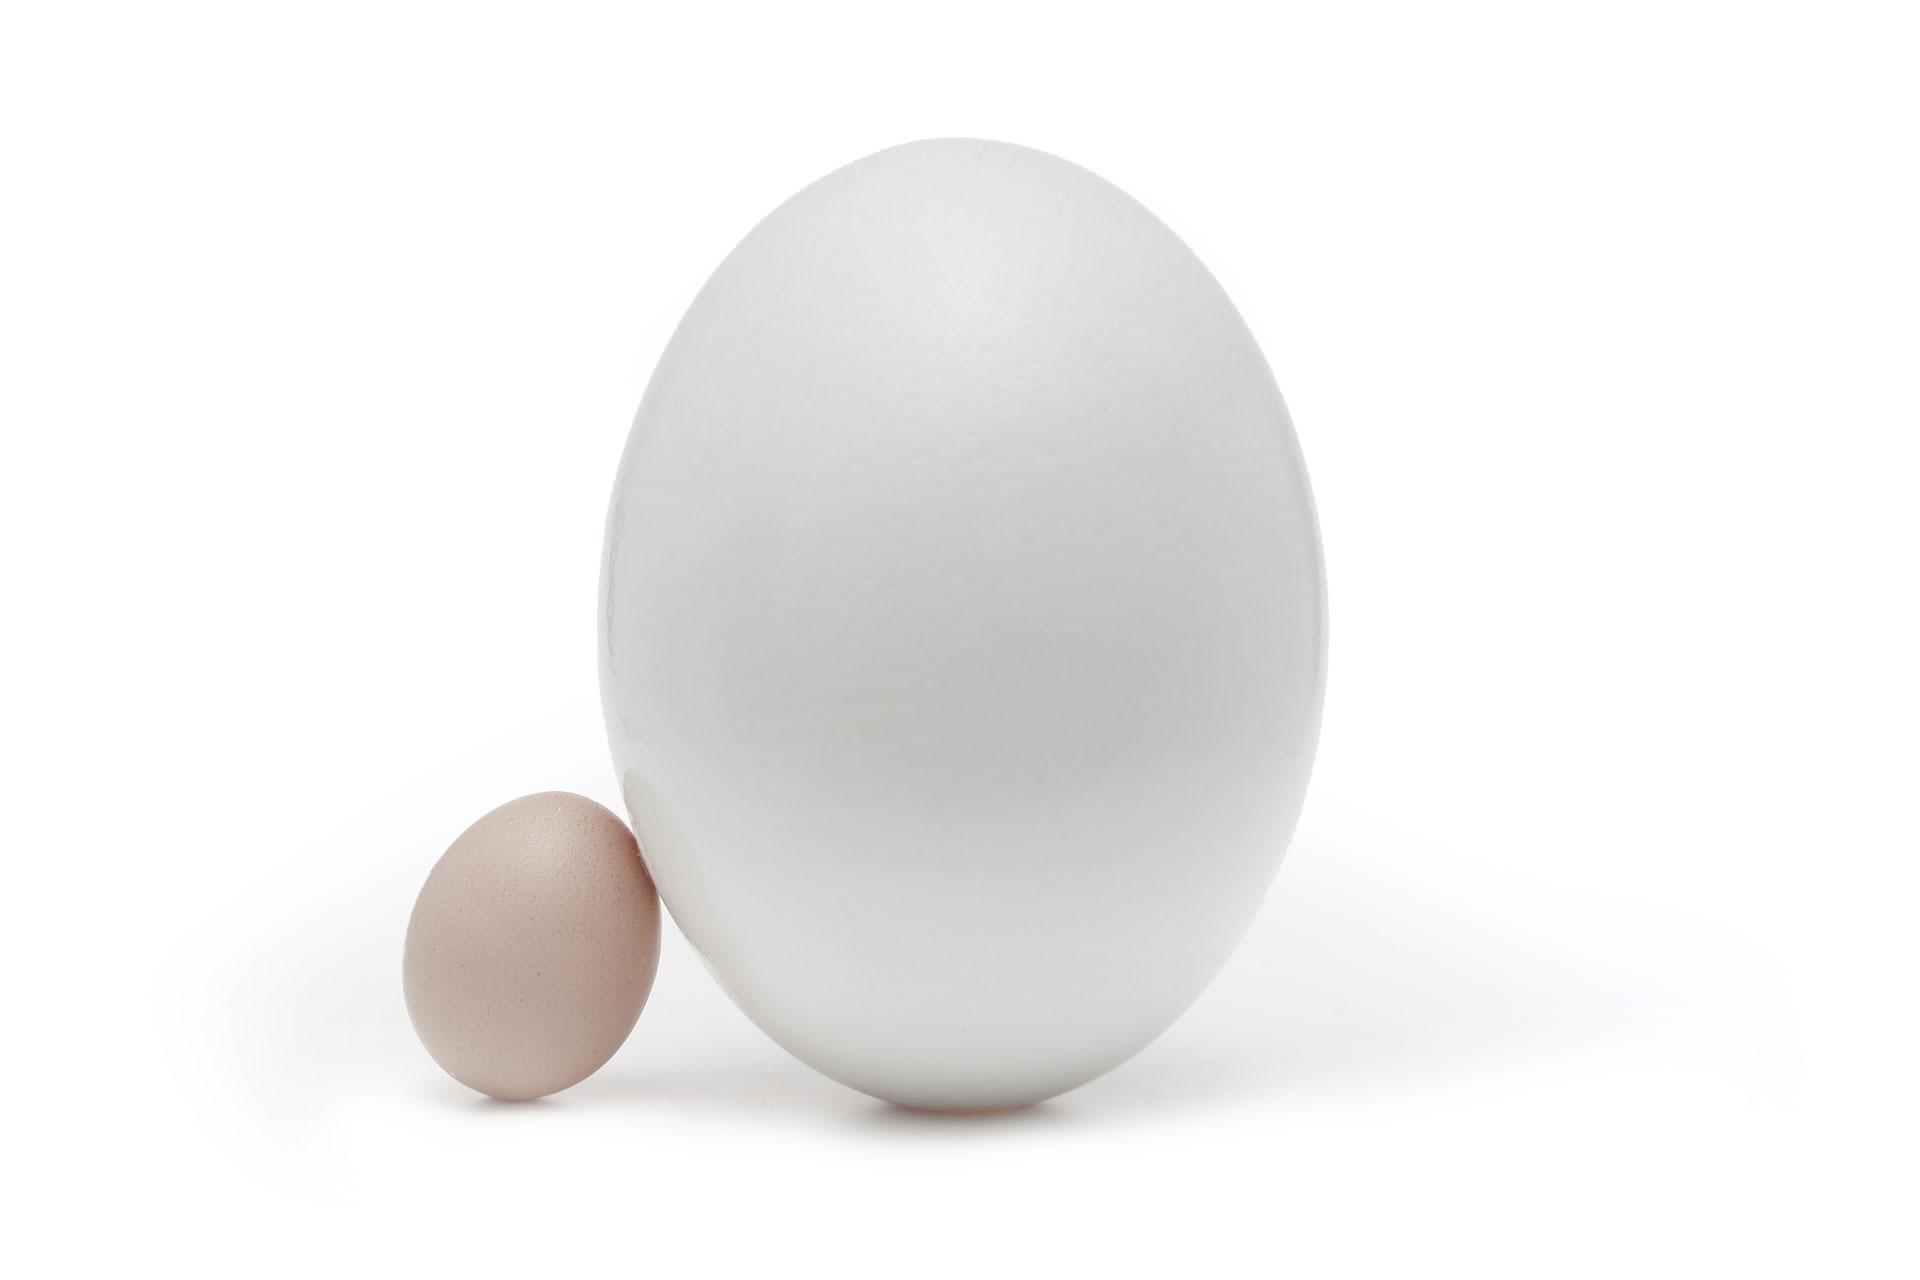 En bild av två olika stora ägg som symboliserar Rumblines olika stora kunder